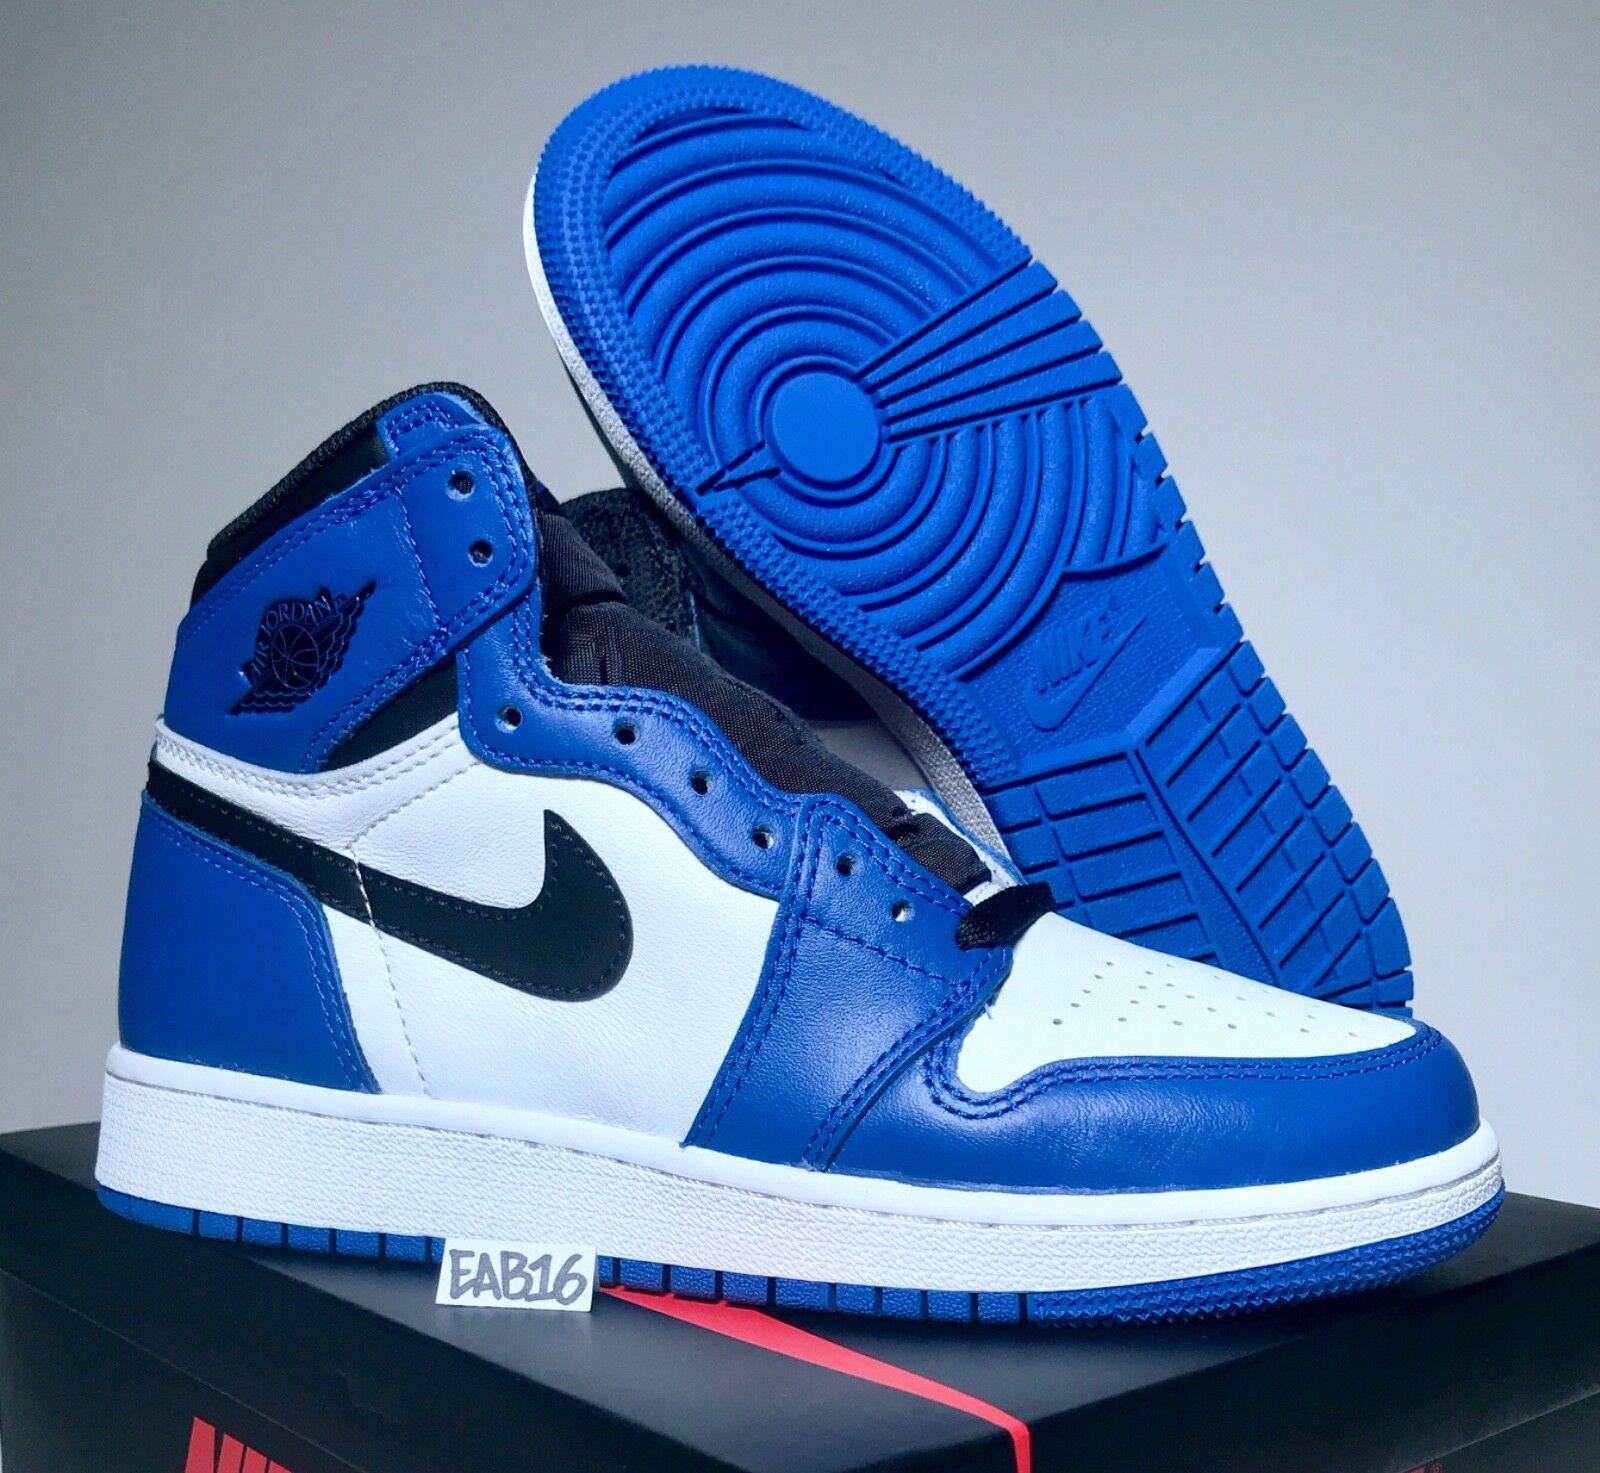 Nike Air Jordan Retro 1 OG BG GAME ROYAL bluee Black White 575441 403 GS Size